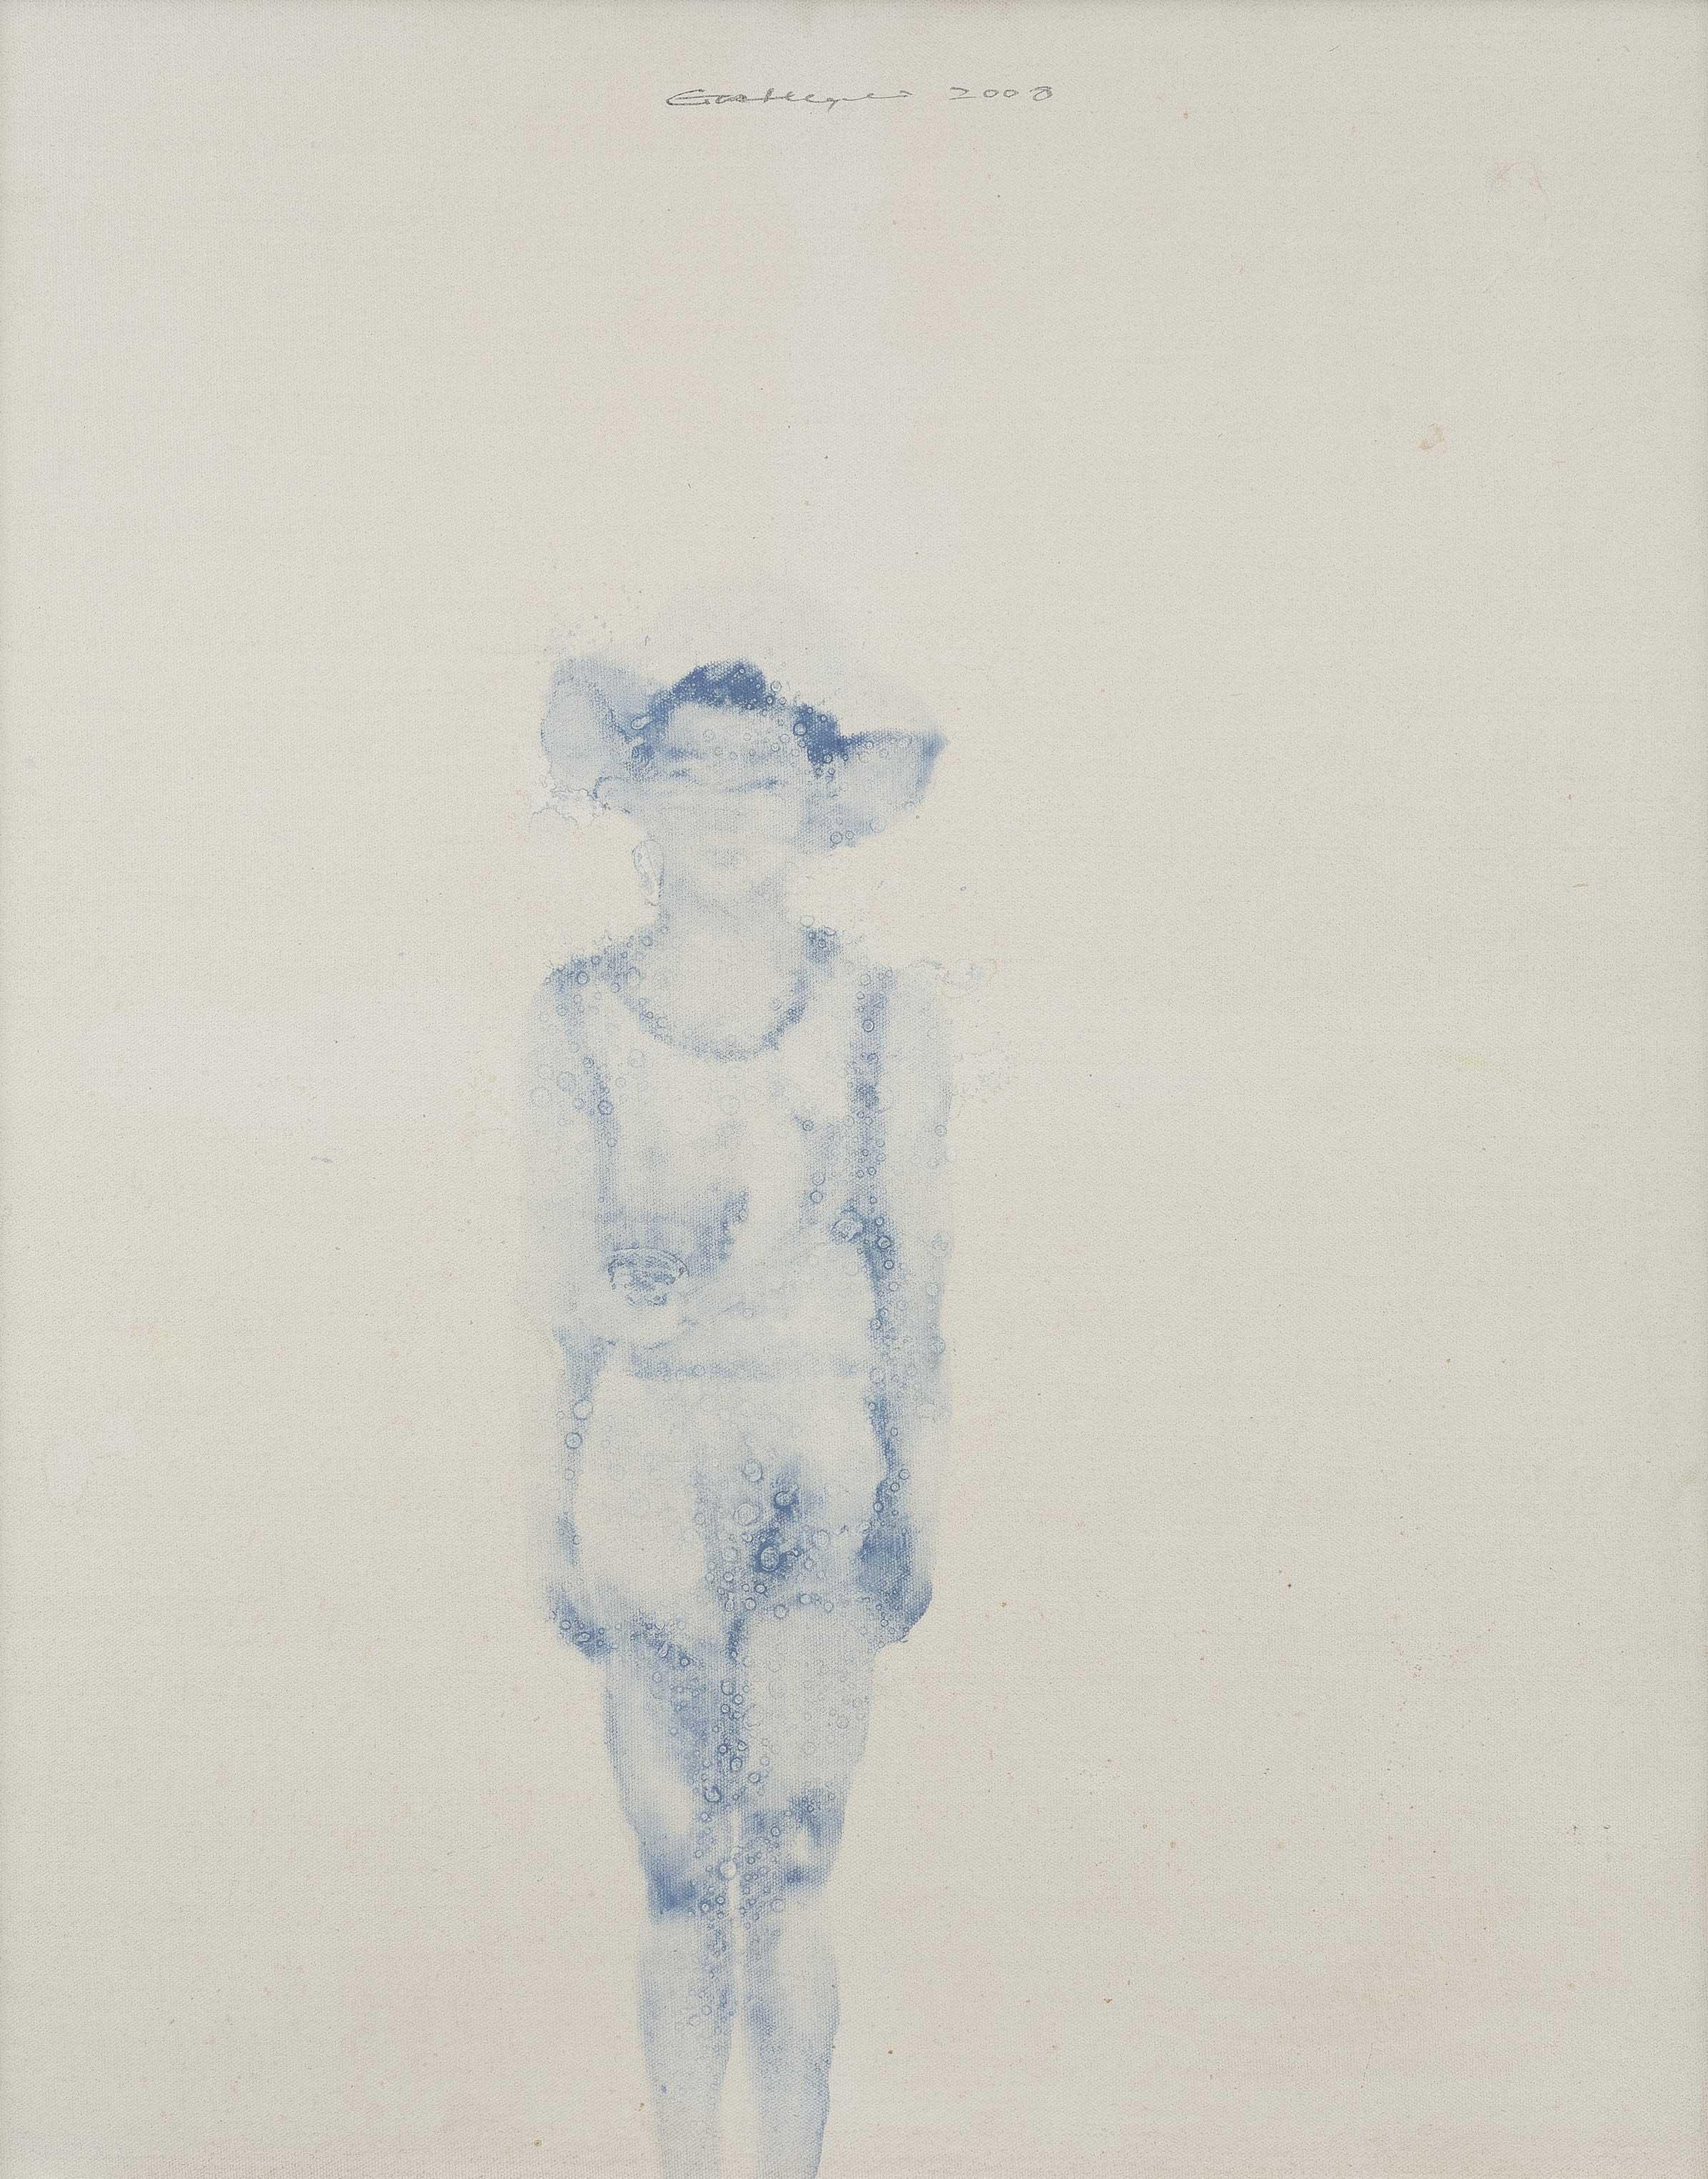 GUO HONNGWEI (CHINESE, B. 1982